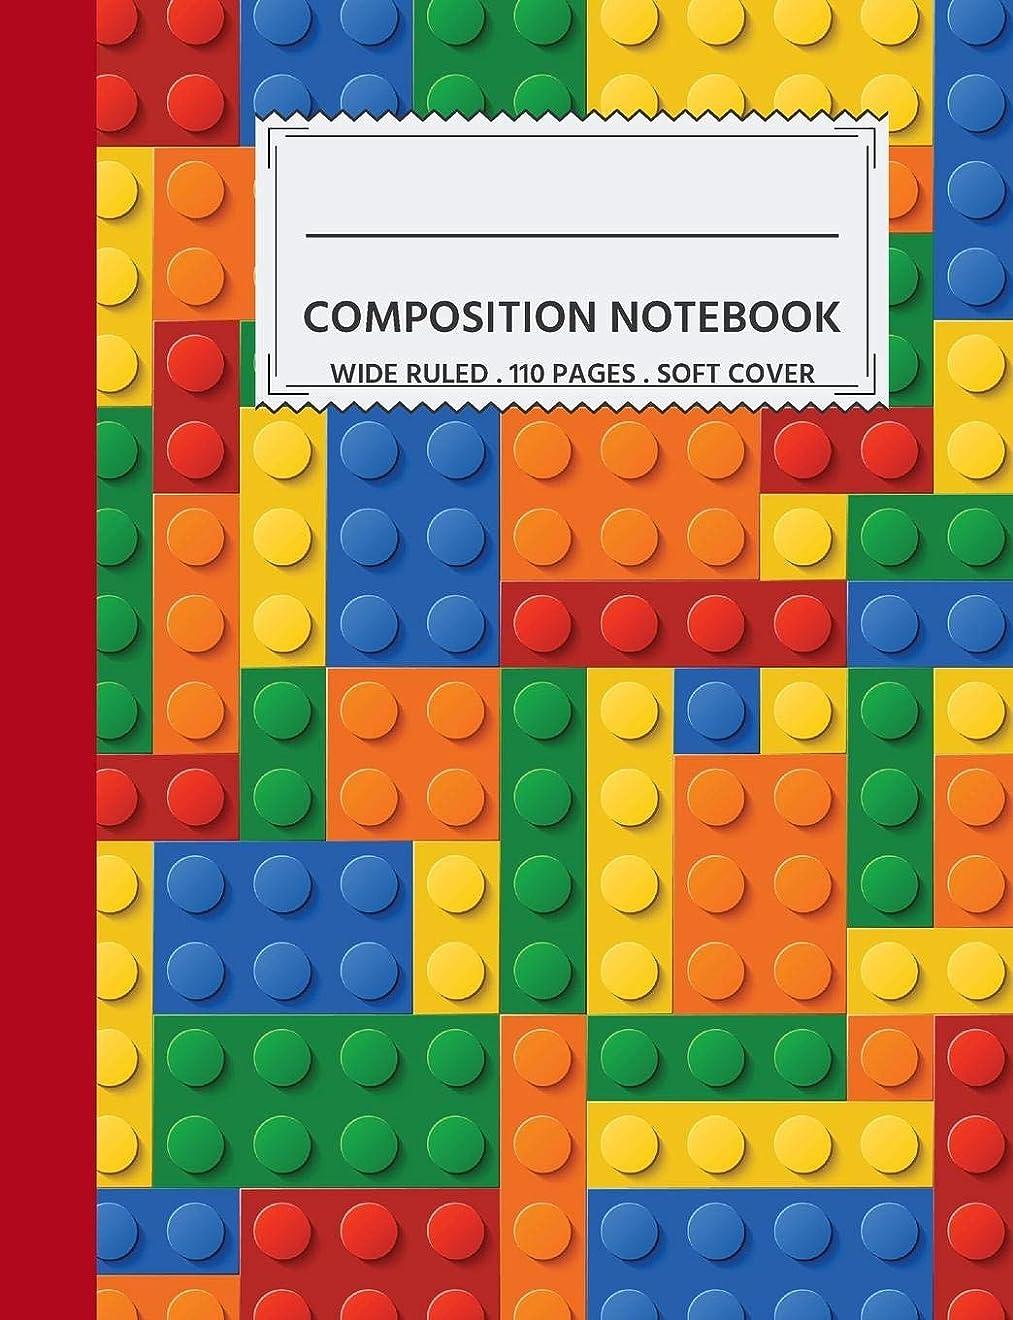 オークション立ち寄る有名人Wide Ruled Composition Notebook: Cool LEGO Pattern-110 Pages Lined Writing Composition Book for School Back to School and Homeschooling Journal For Boys